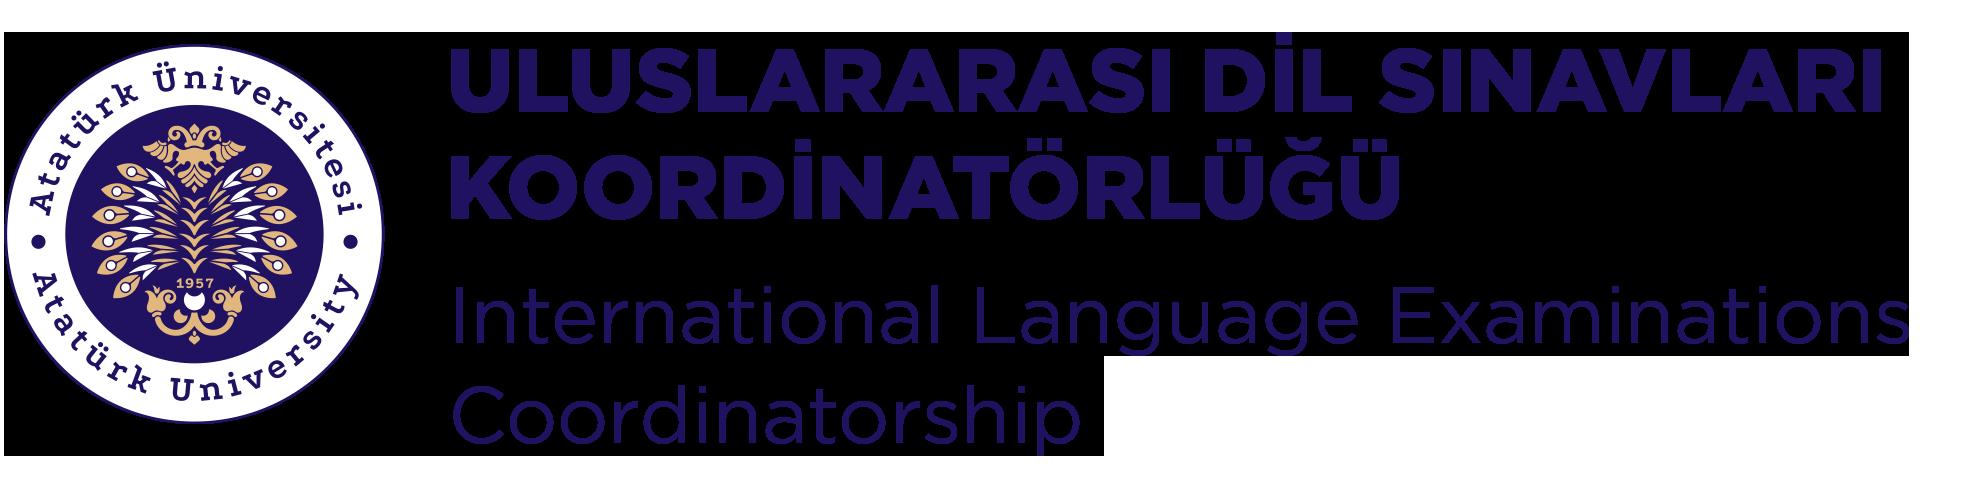 ATAILE - Uluslararası Dil Sınavları Koordinatörlüğü